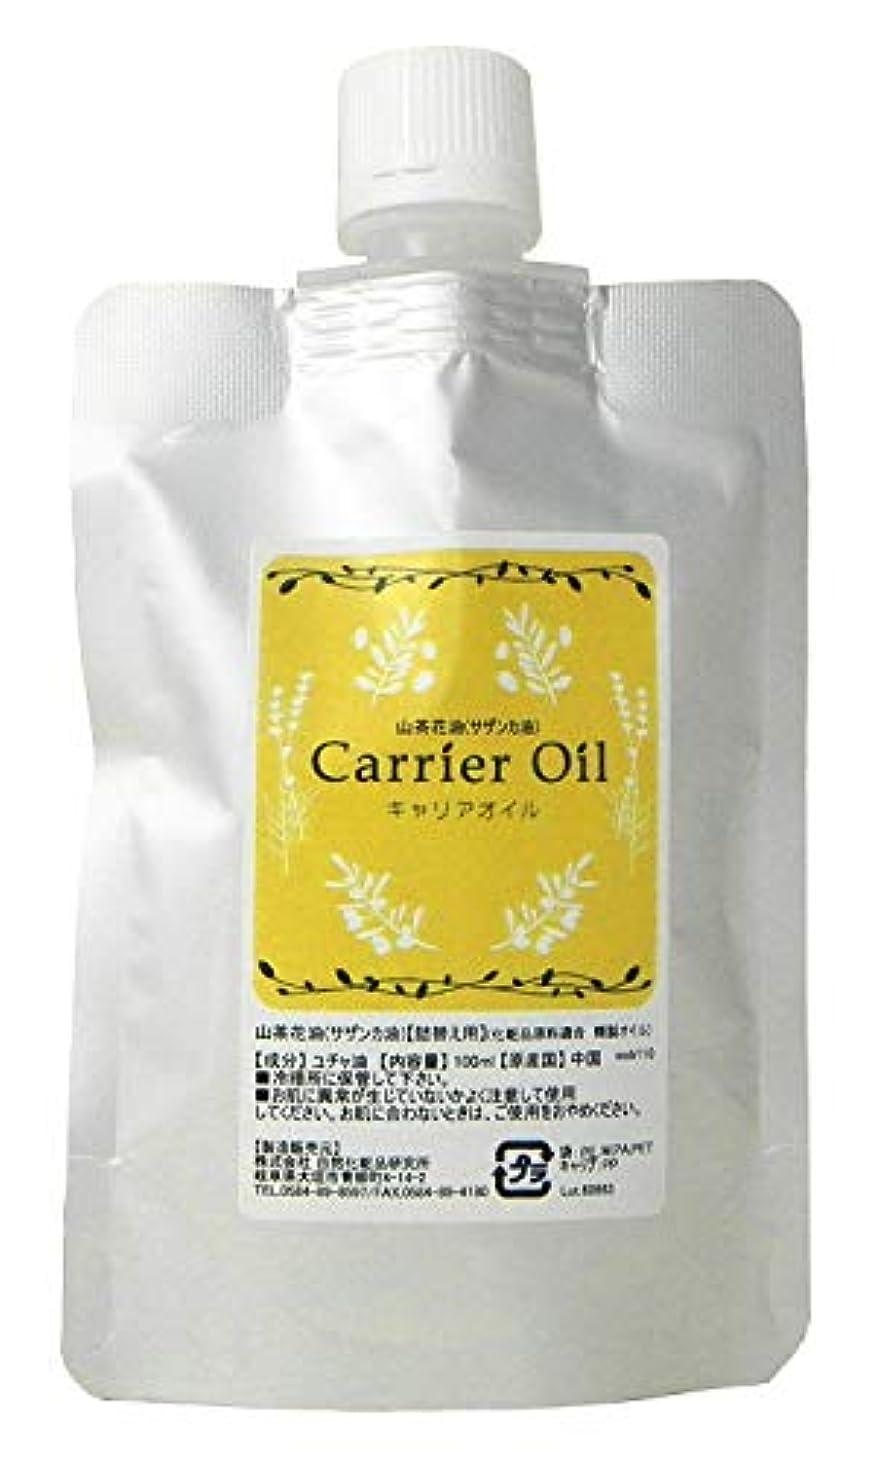 速度アレルギー性保存山茶花油 (サザンカ油) キャリアオイル 100ml 詰め替え用